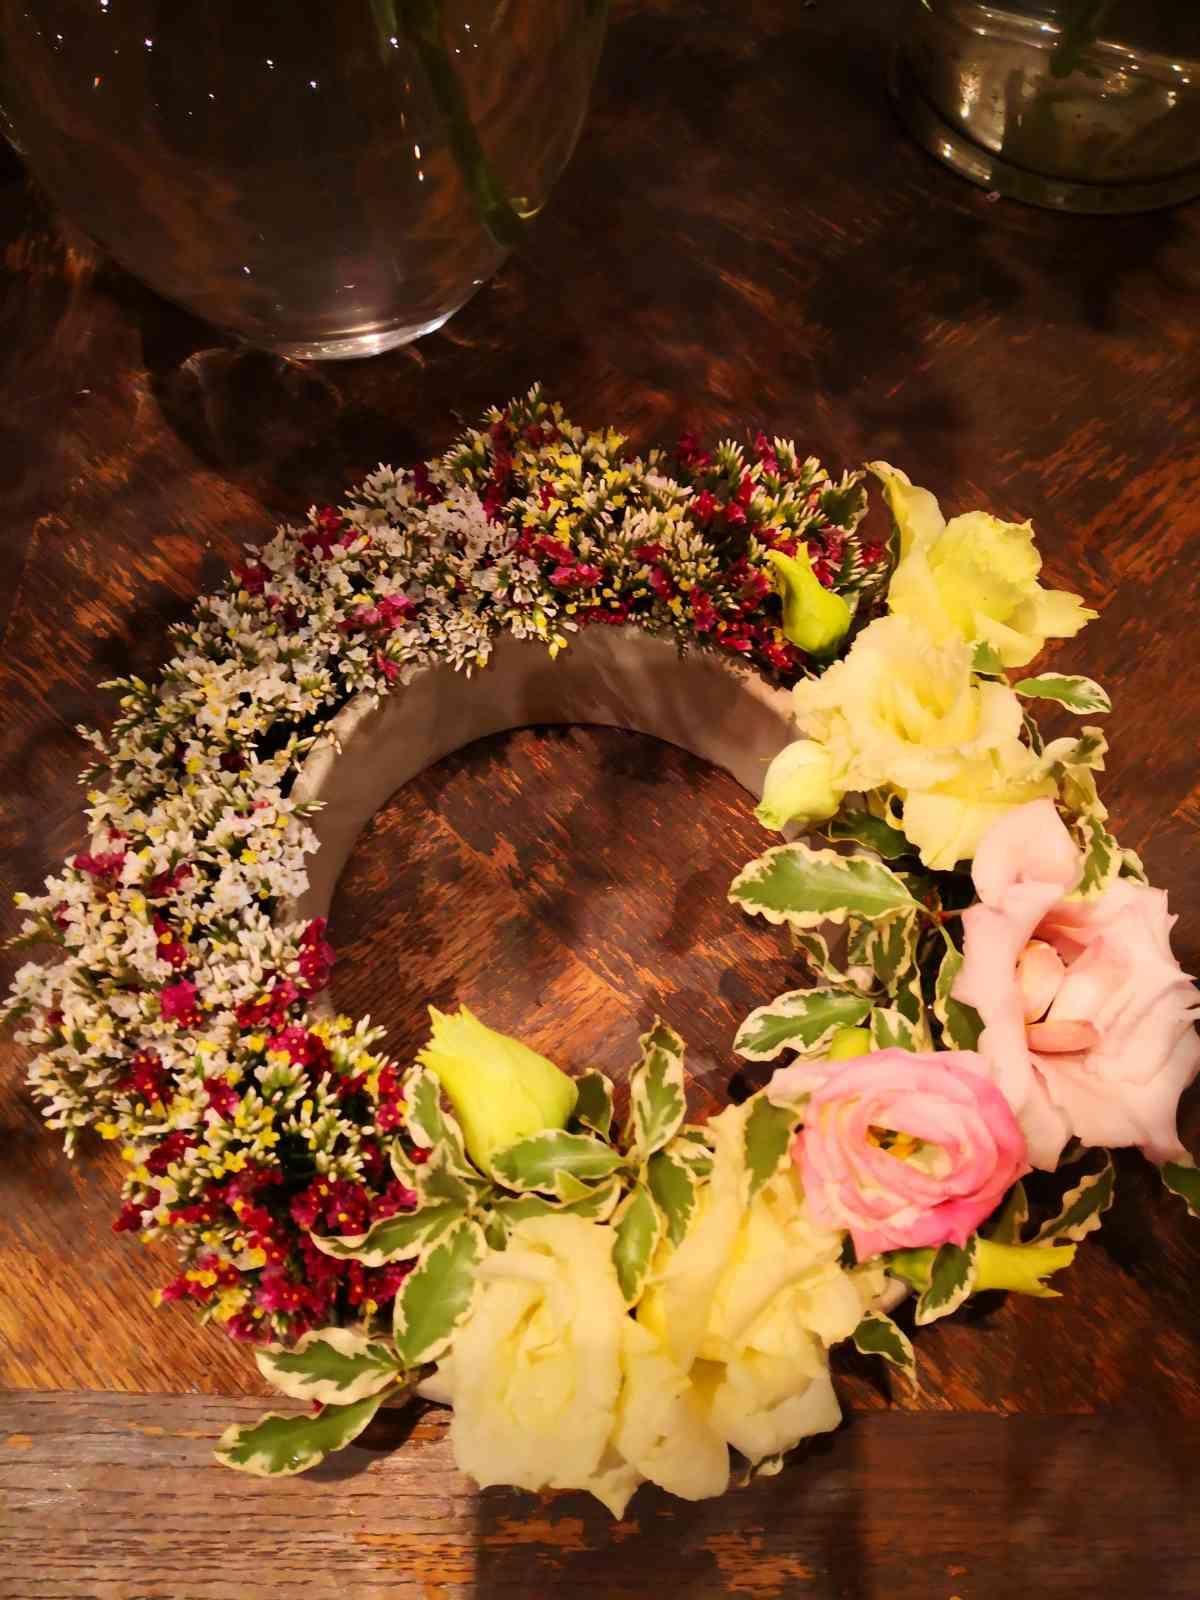 116 Décoration florale pour des évènements (mariage, anniversaire, etc.) | Aux Quatre Saisons à Boissy-Saint-Léger